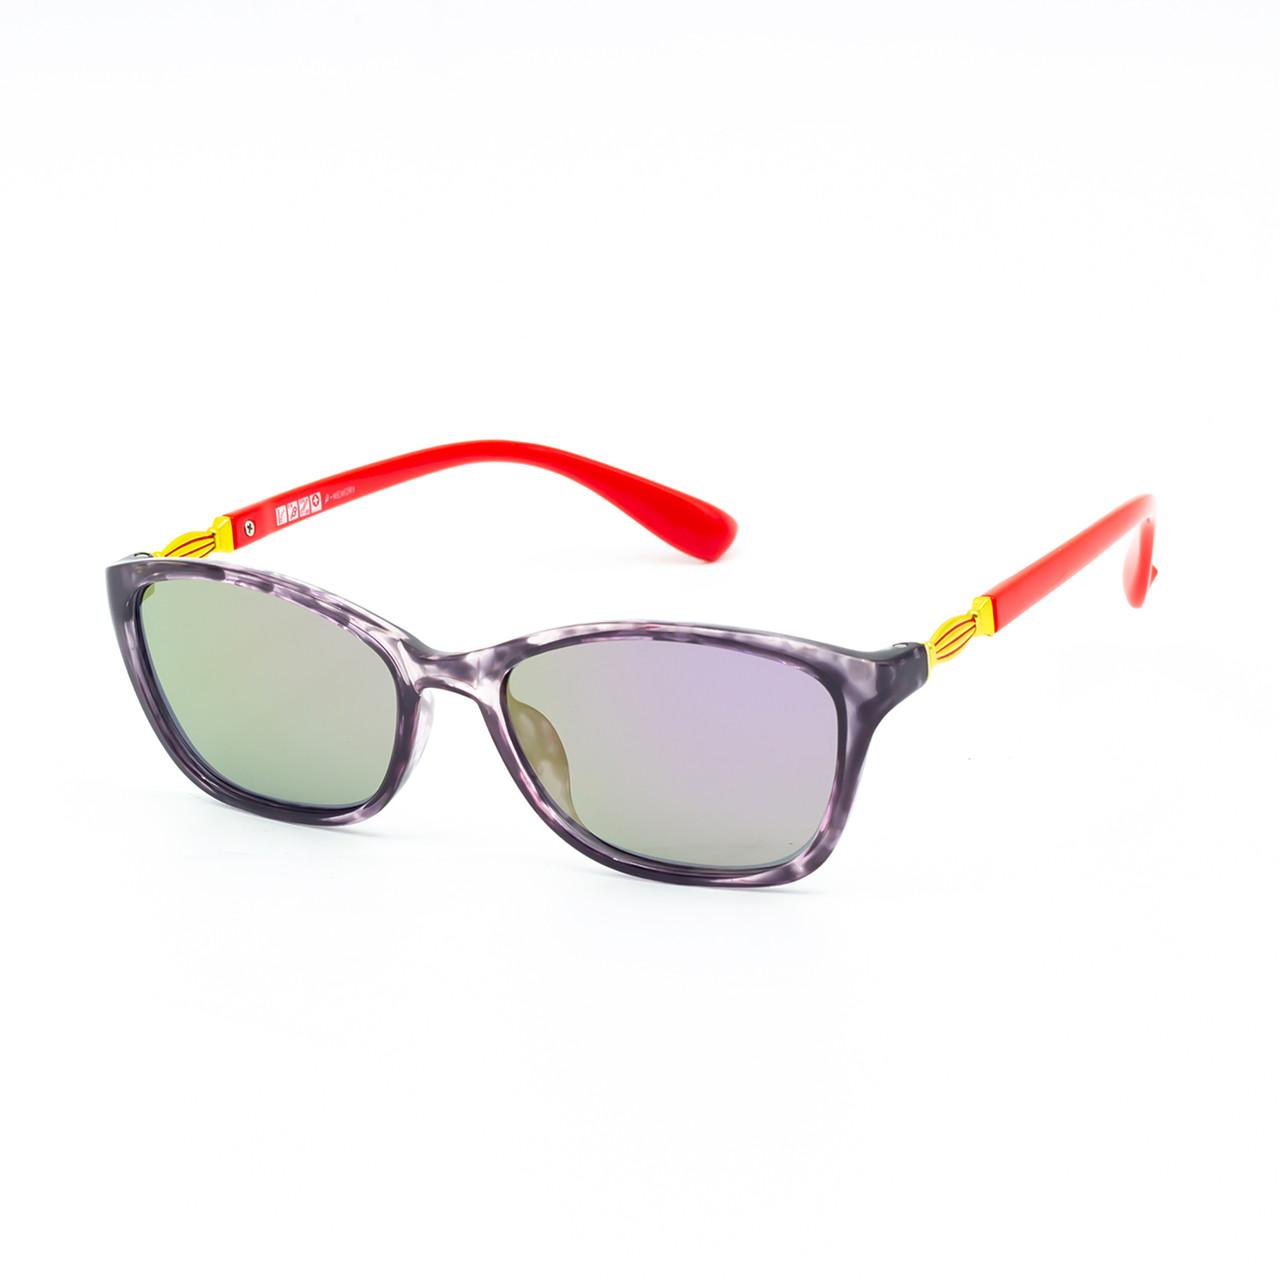 Солнцезащитные очки Marmilen 1297 C4 красно фиолетовые с зеркальным покрытием   ( 1297-04 )